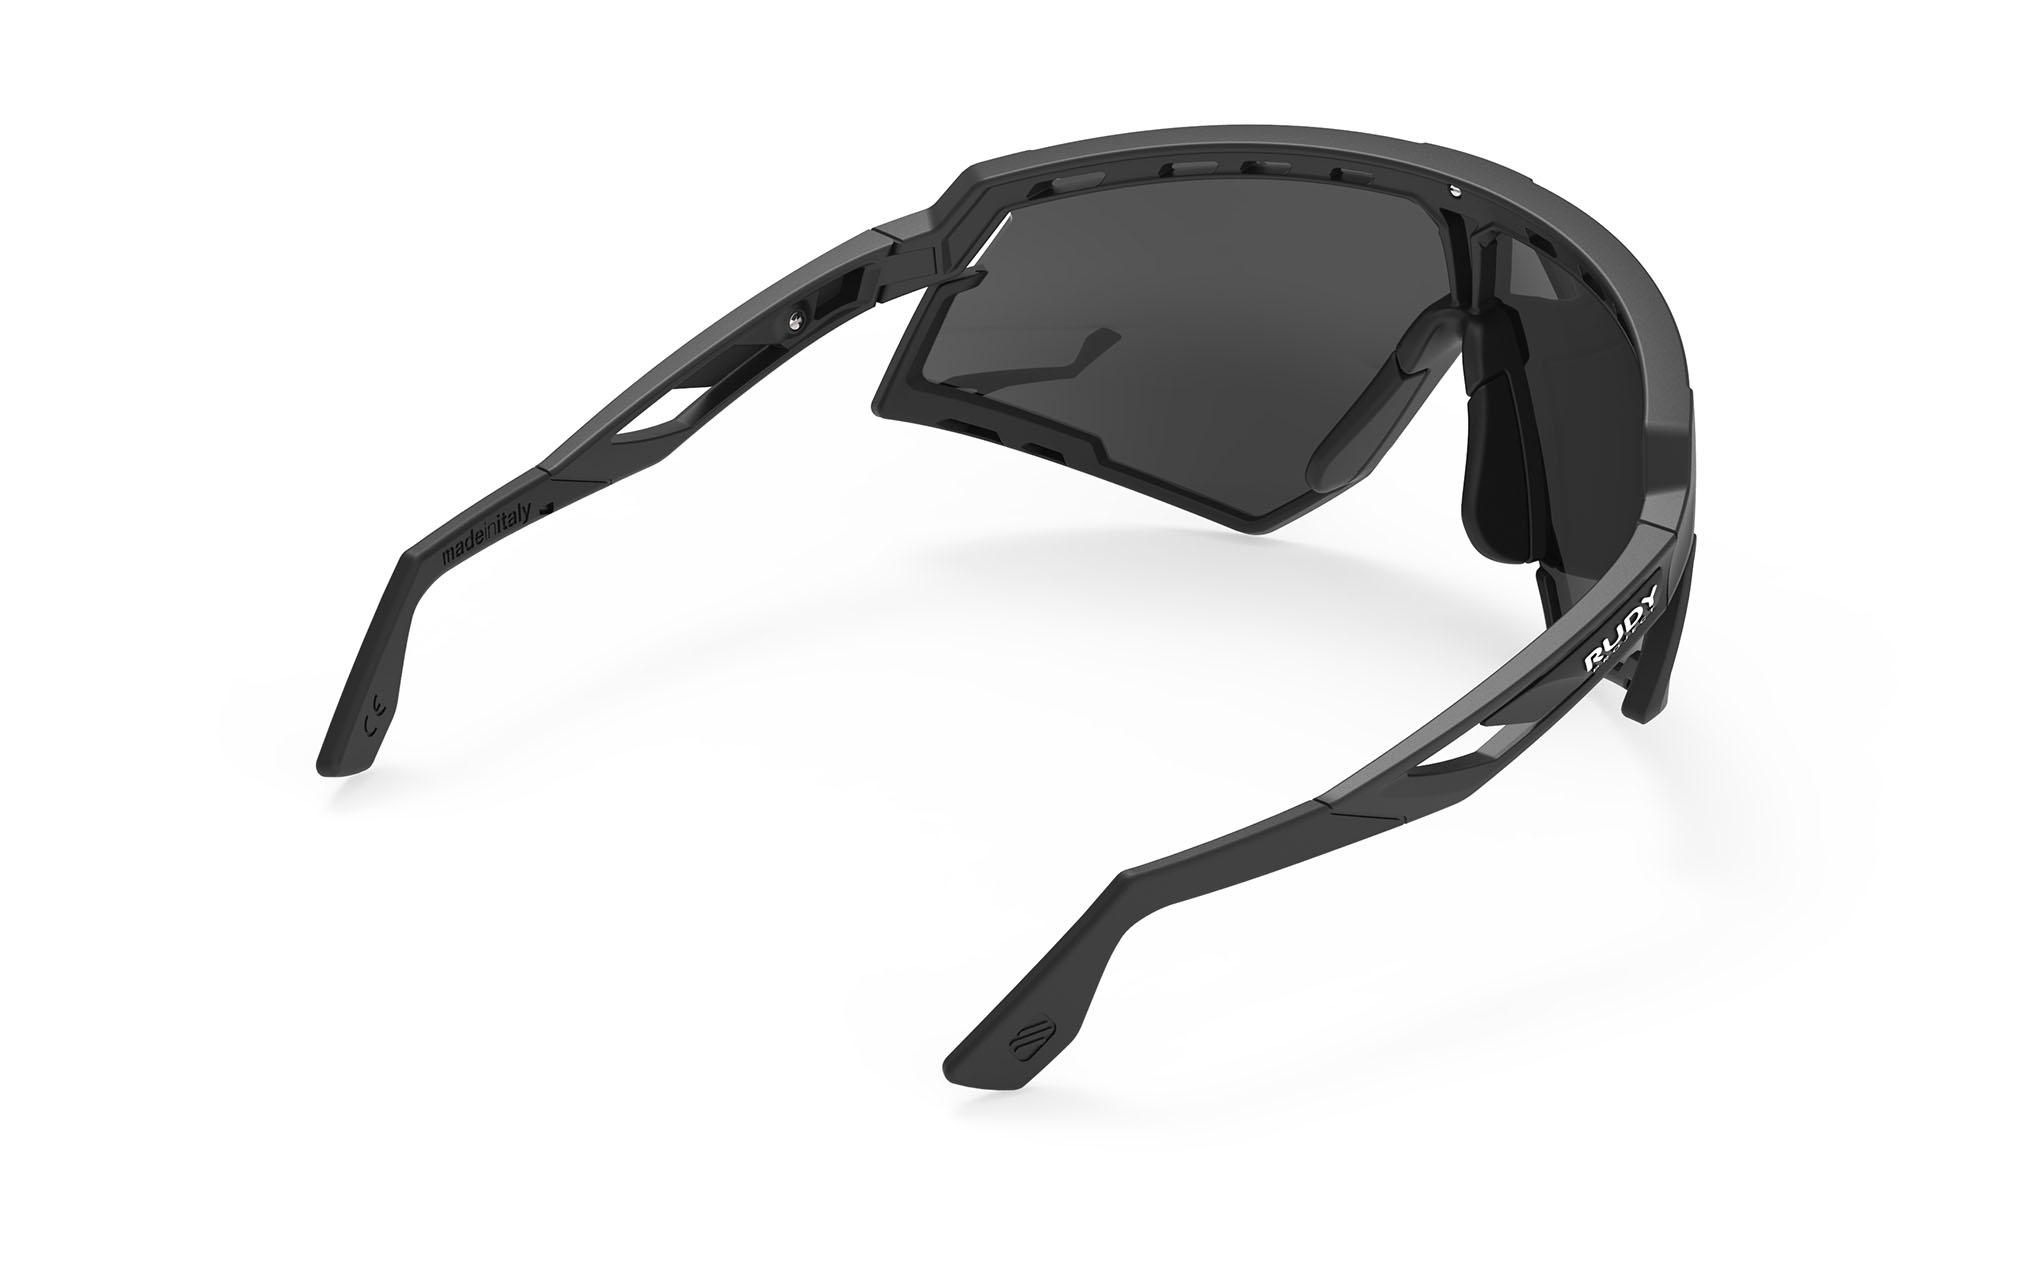 f68cee6403d Suorituskyvyn lasit Defender - Rudy Project